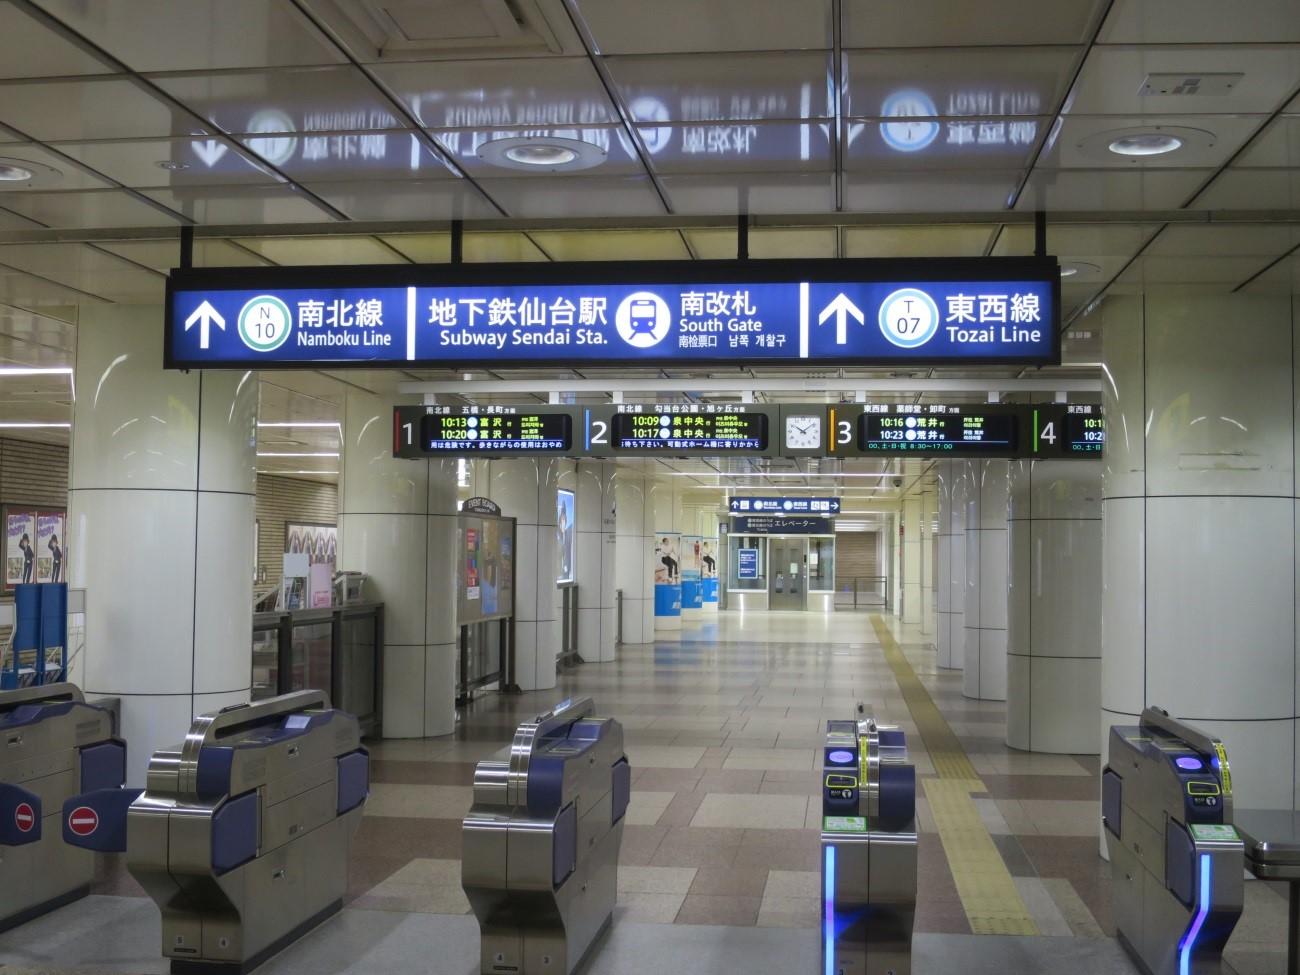 地下鉄仙台駅の南改札から出てください。